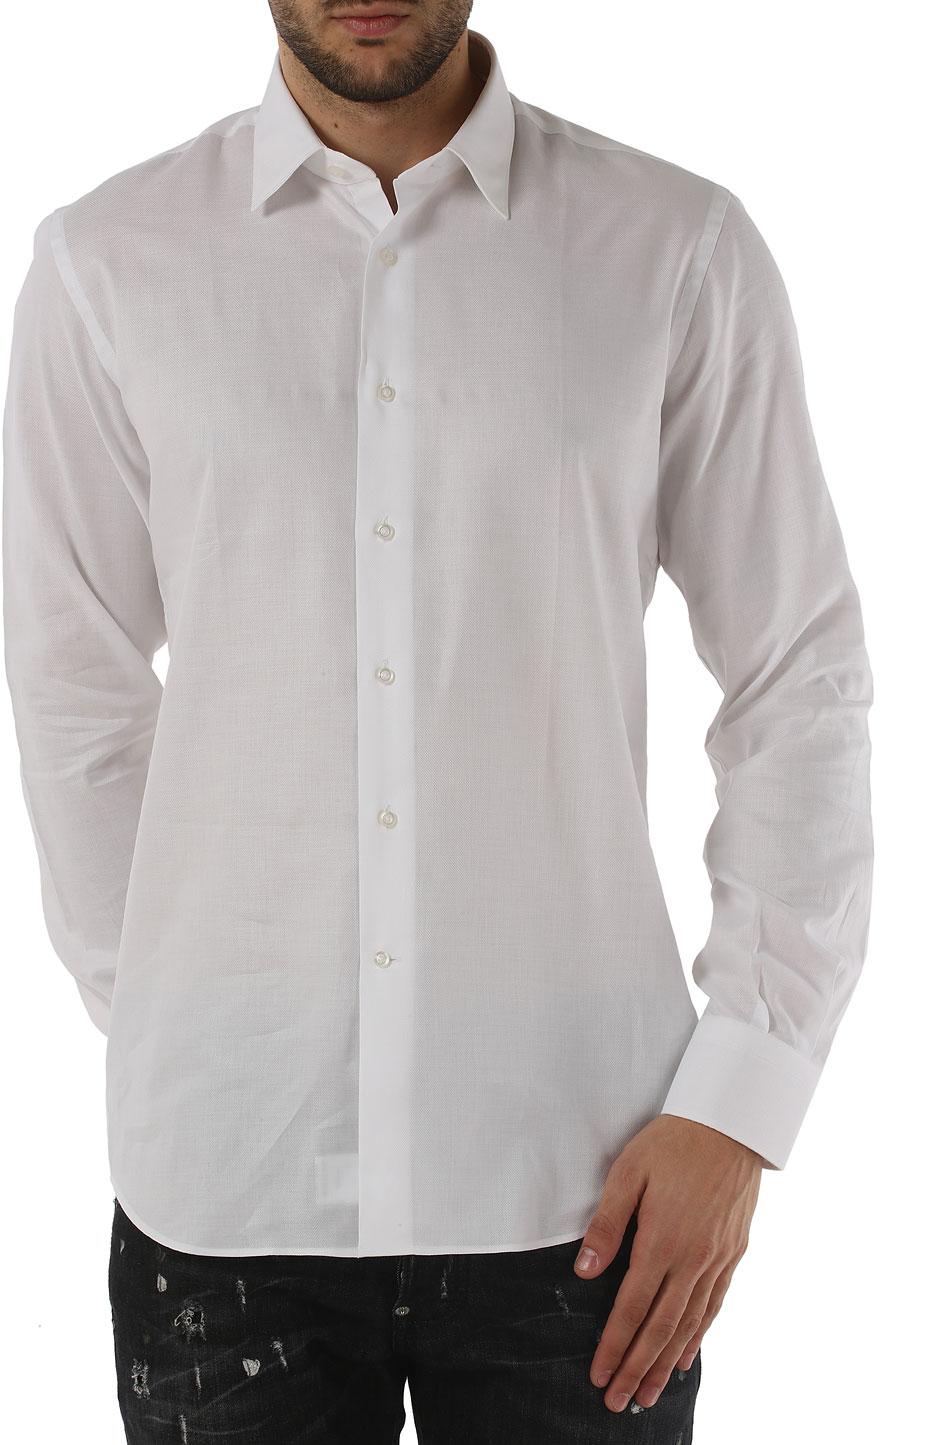 Abbigliamento Uomo Del Siena, Codice Articolo: cl64-071030-001